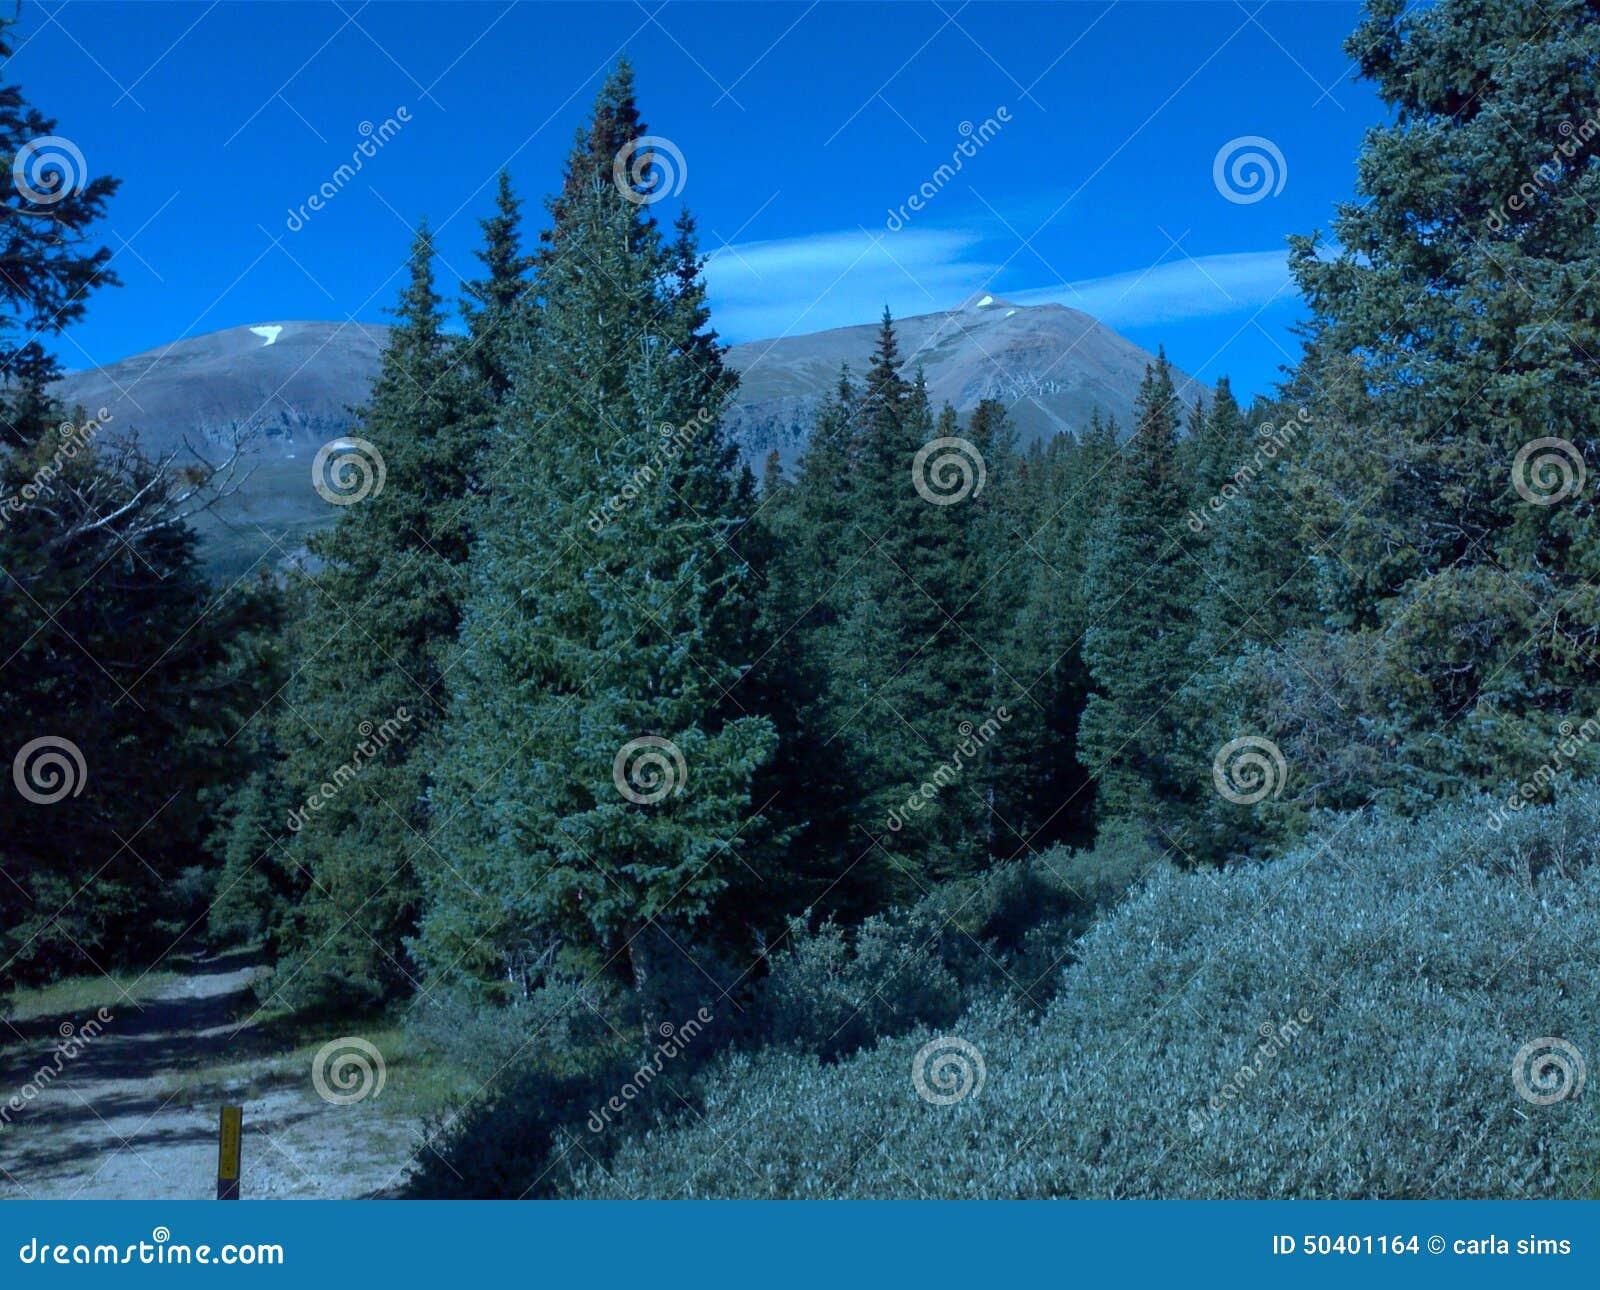 Continentaal verdeel loveland de bergen van pascolorado